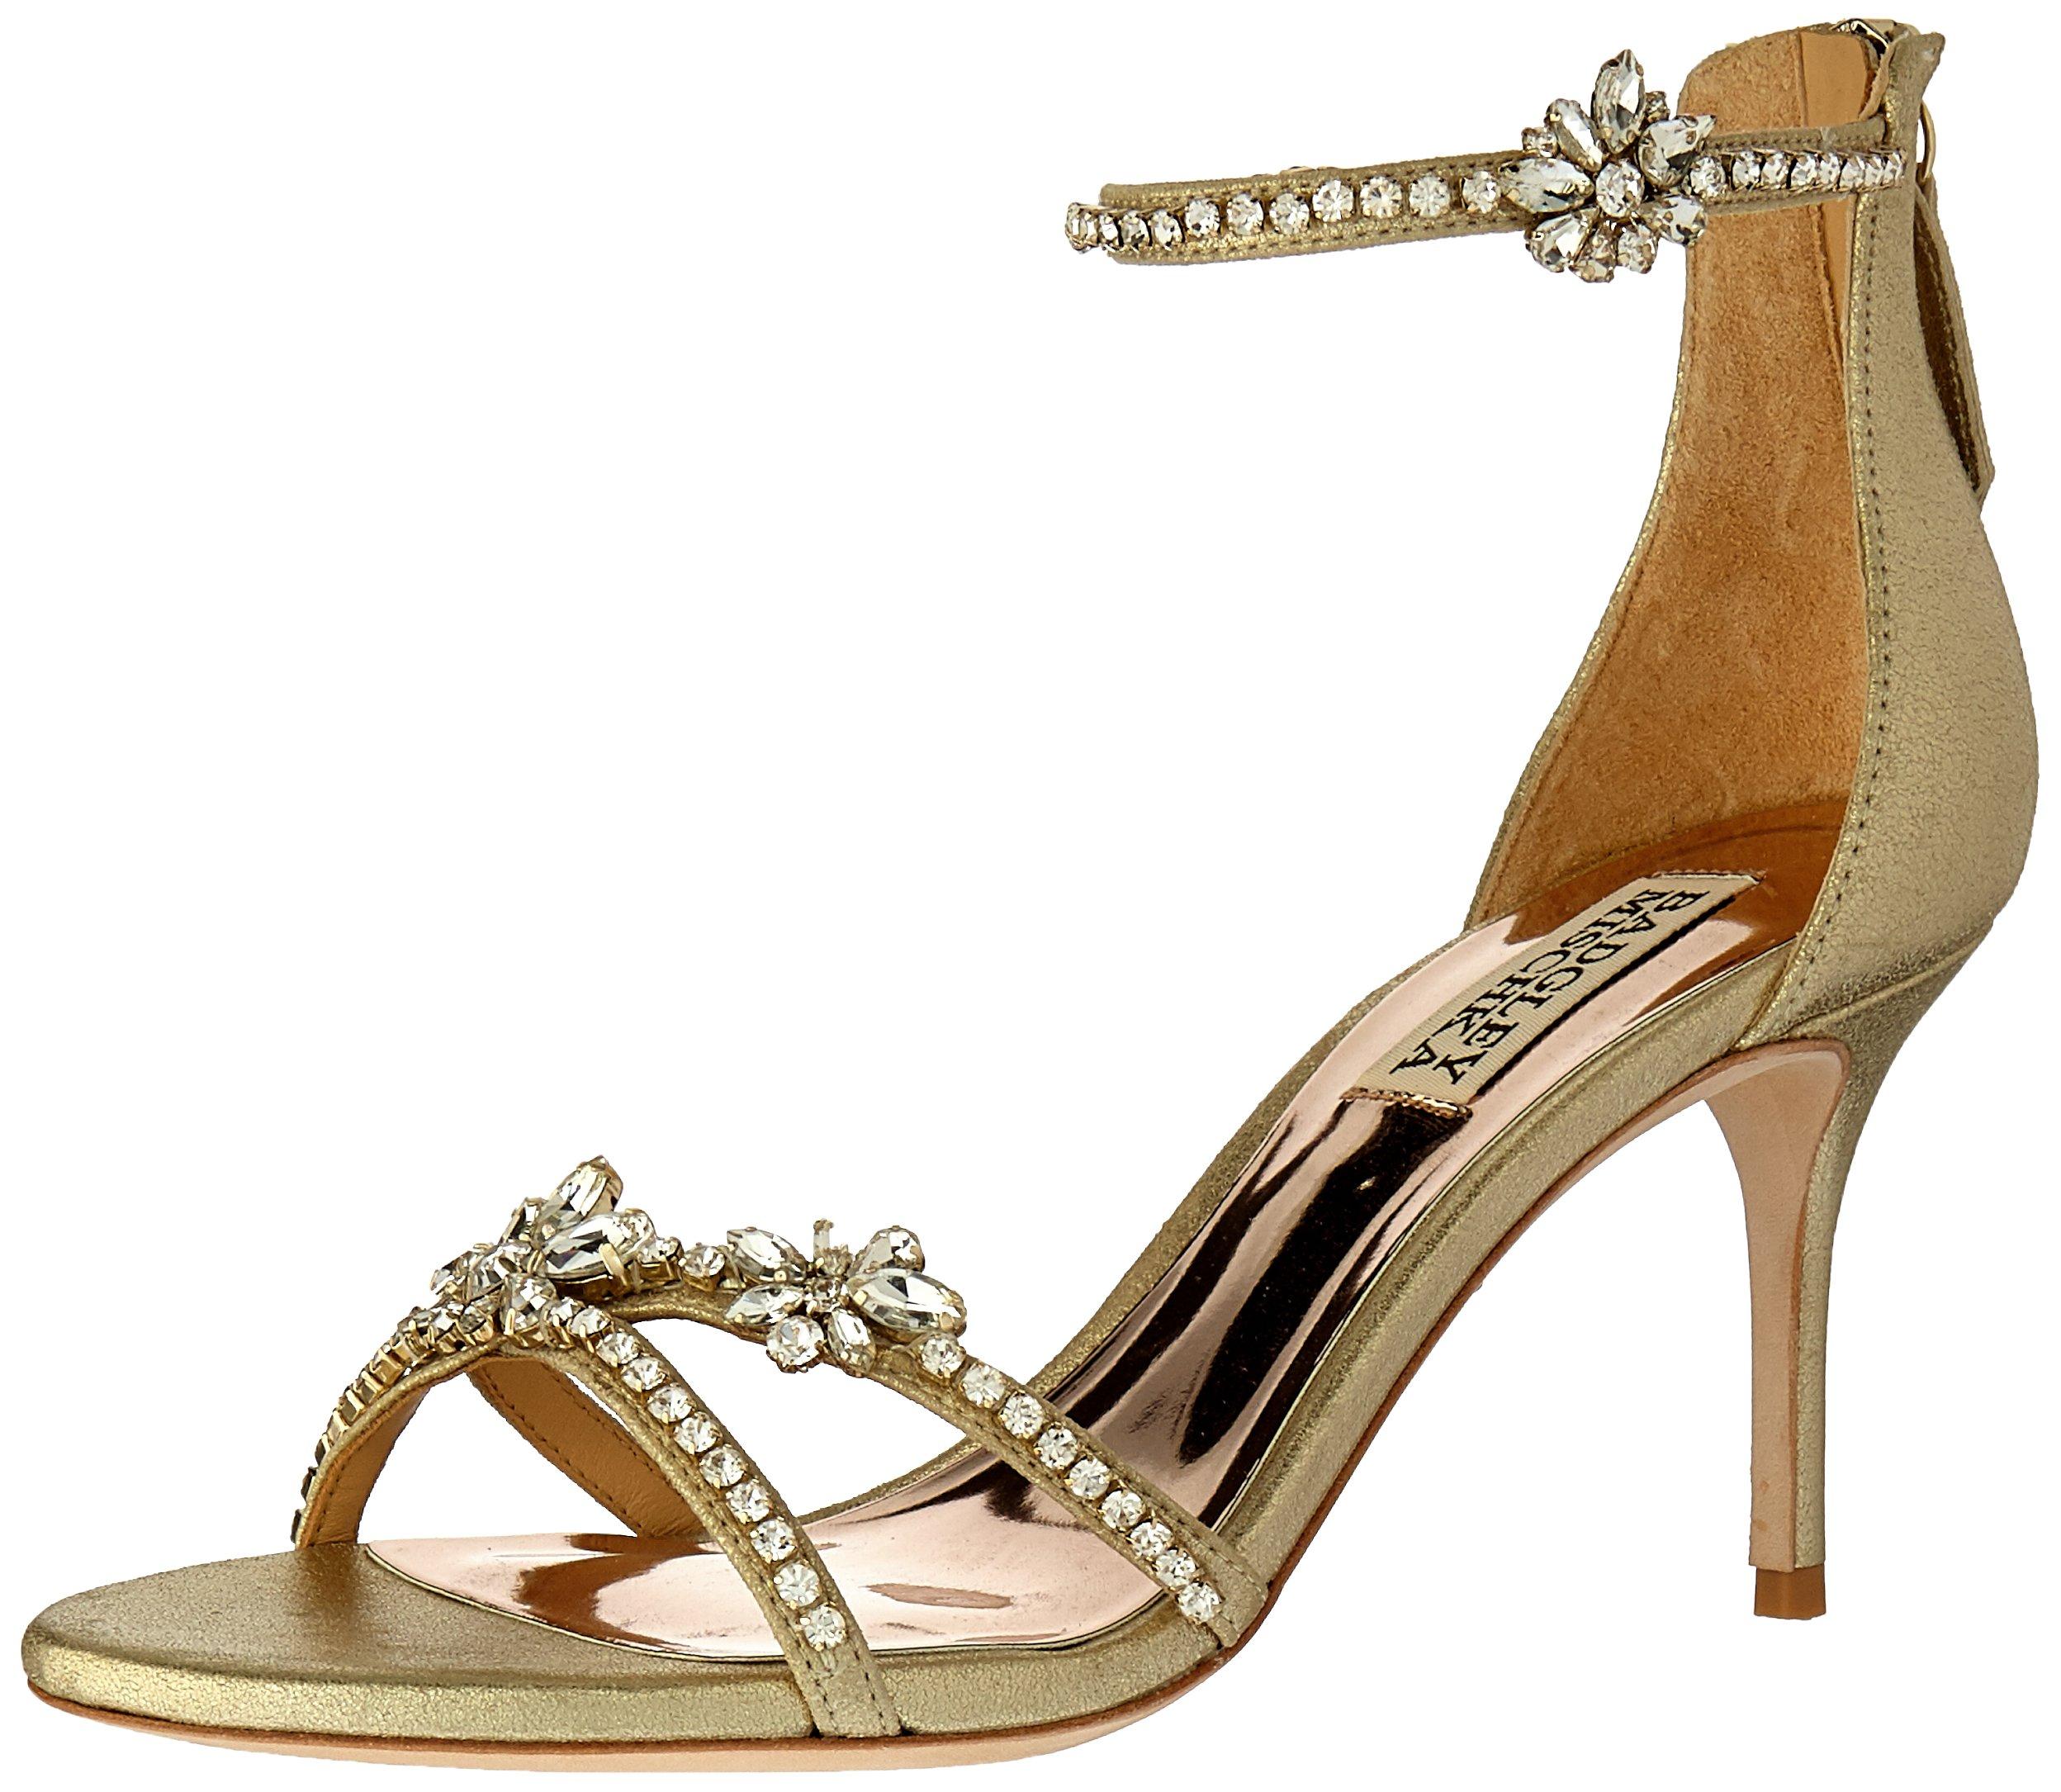 Badgley Mischka Women's Hobbs Heeled Sandal, Platino, 8.5 M US